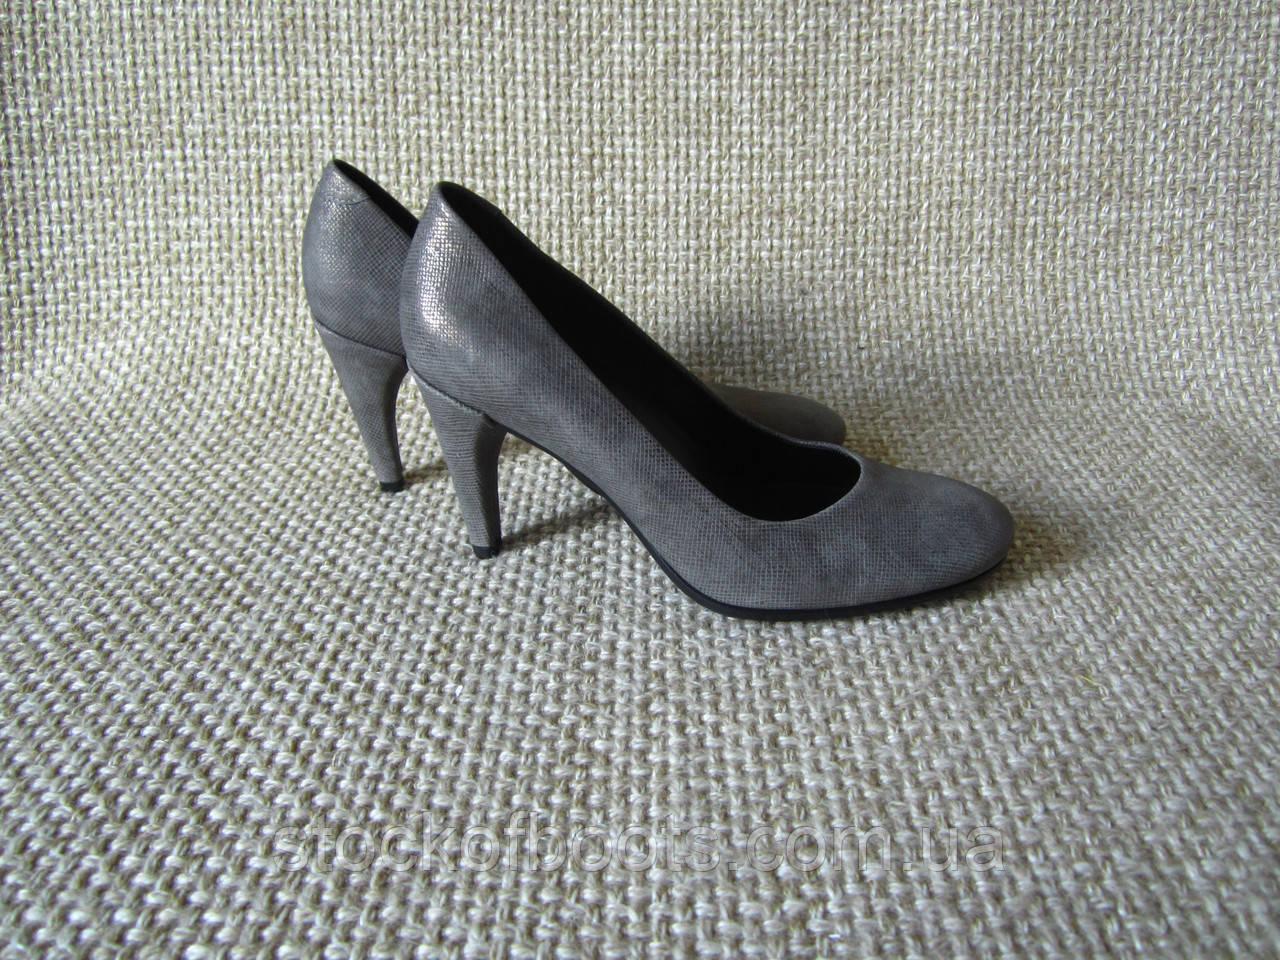 Туфлі шкіряні оригінал Ecco Shape 75 Sleek 269003 розмір 37  продажа ... 2bdab9232cc82